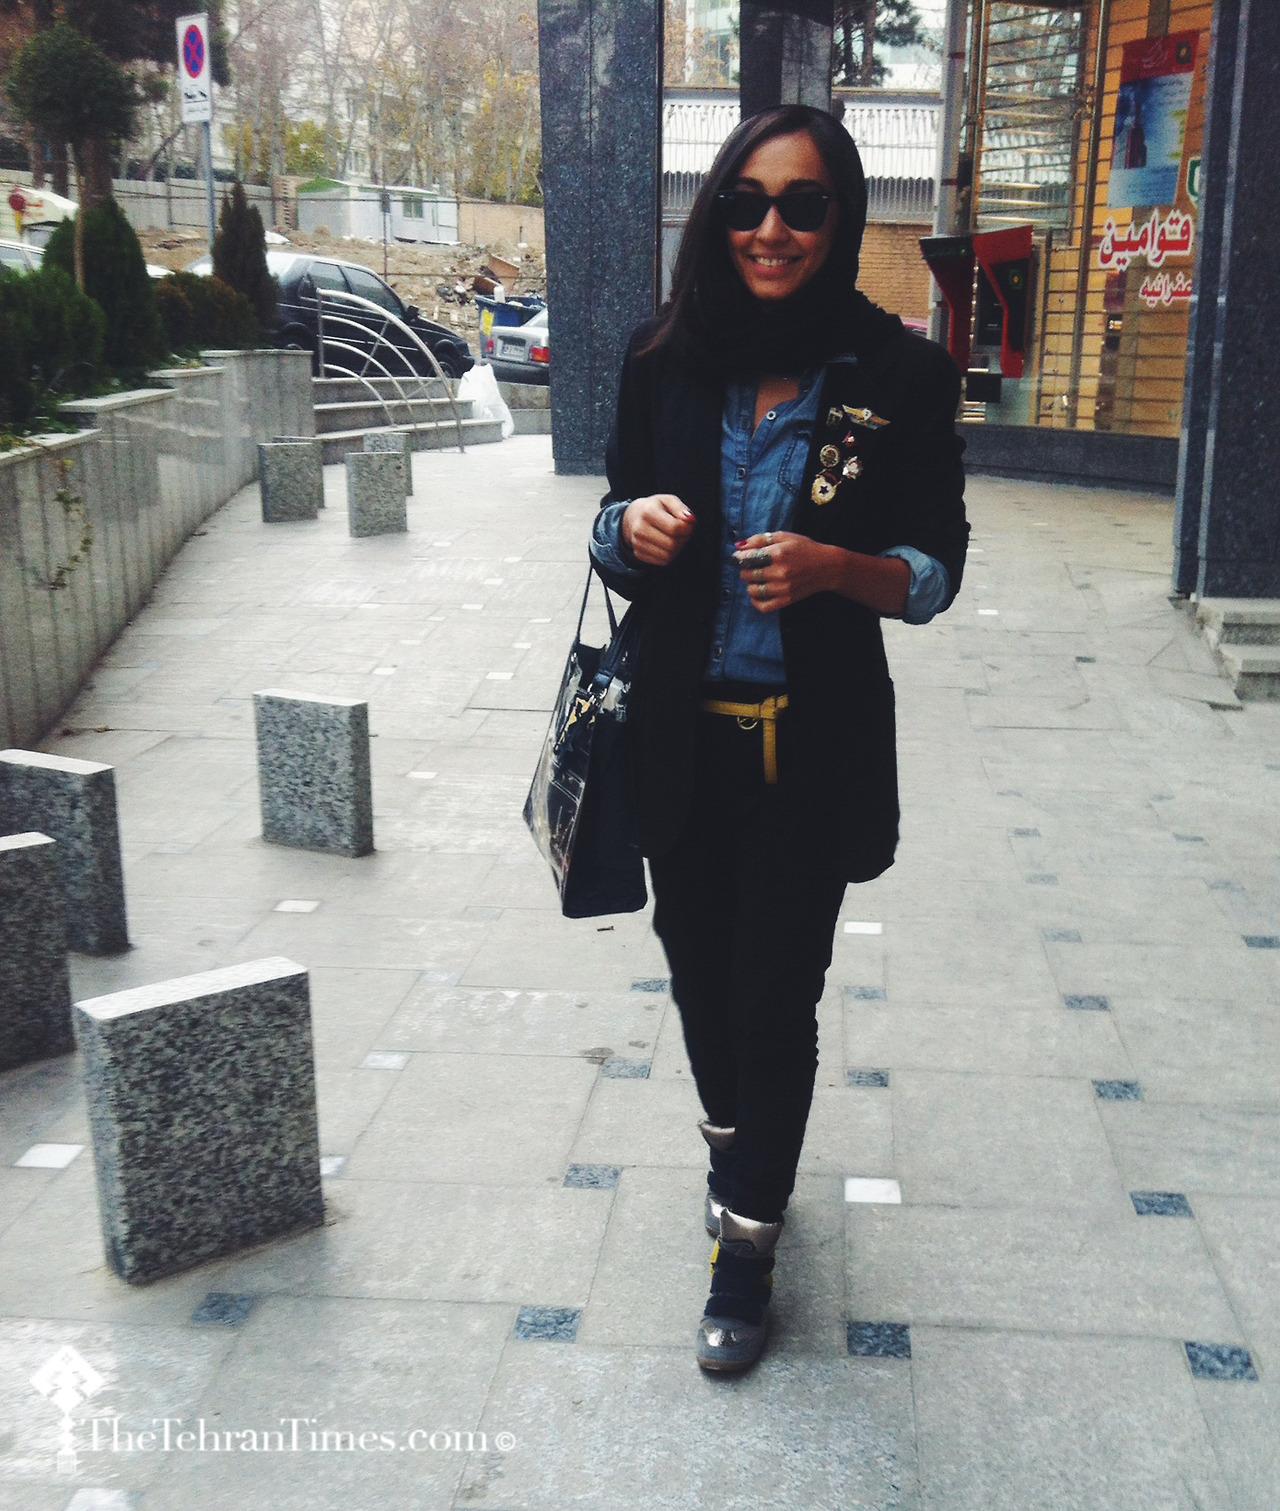 معروف ترین مزون های مانتو تهران مدل لباس - مدل مانتو تابستانی 2013